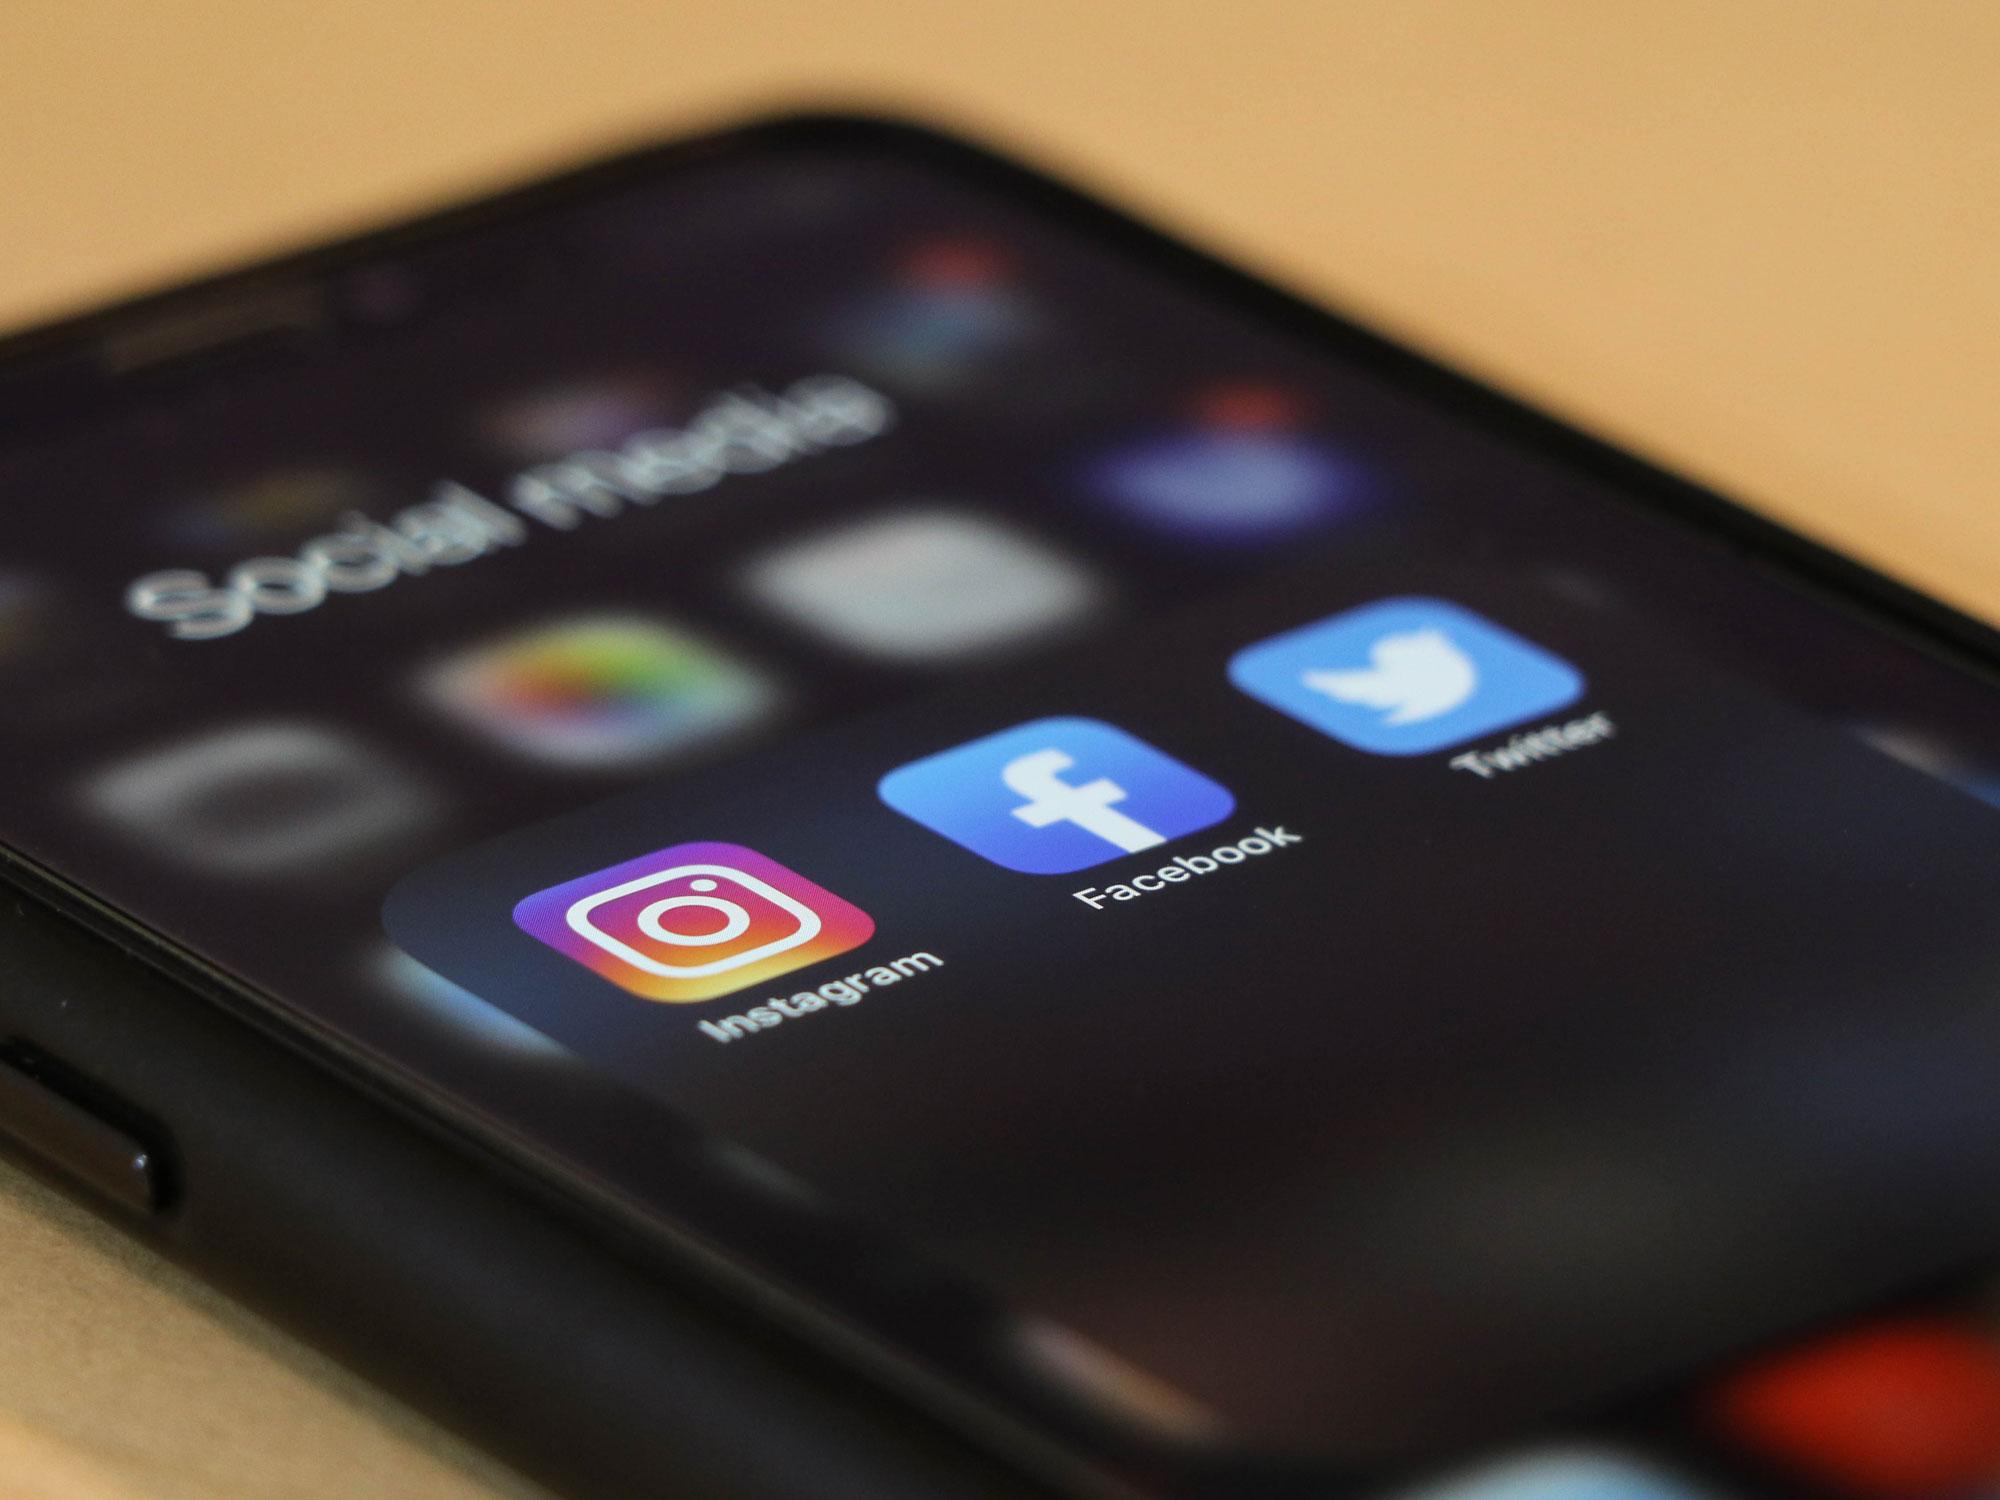 Les nouveautés vidéos Facebook et Instagram - Agence Sharing